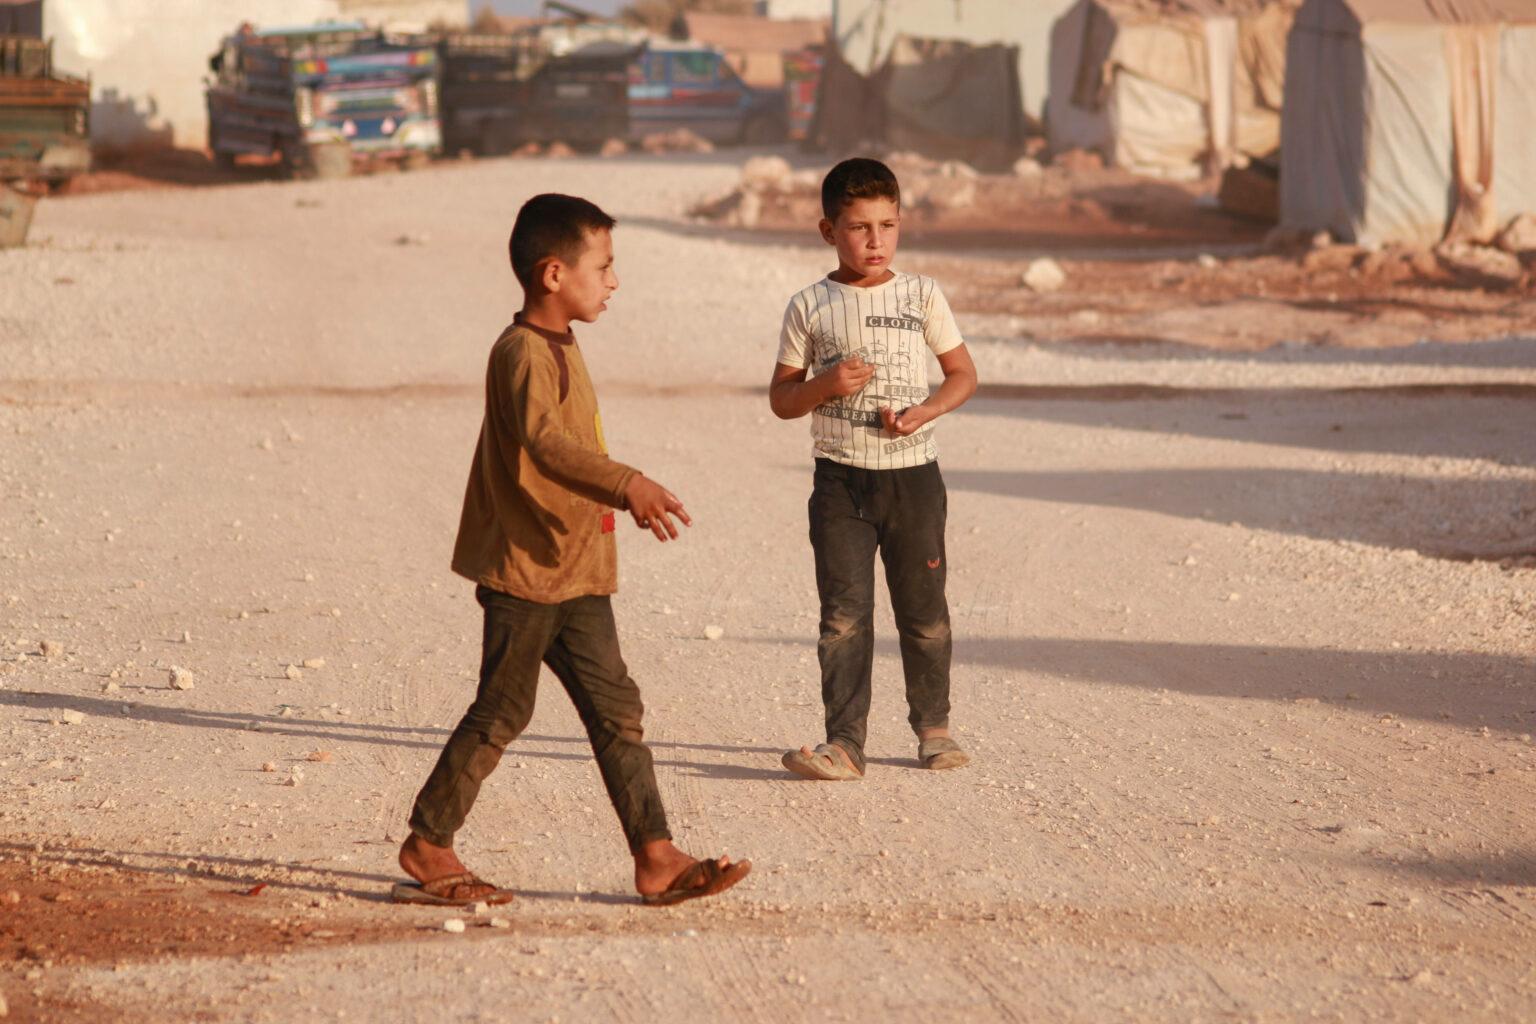 IMAGO / Ahmad Fallaha